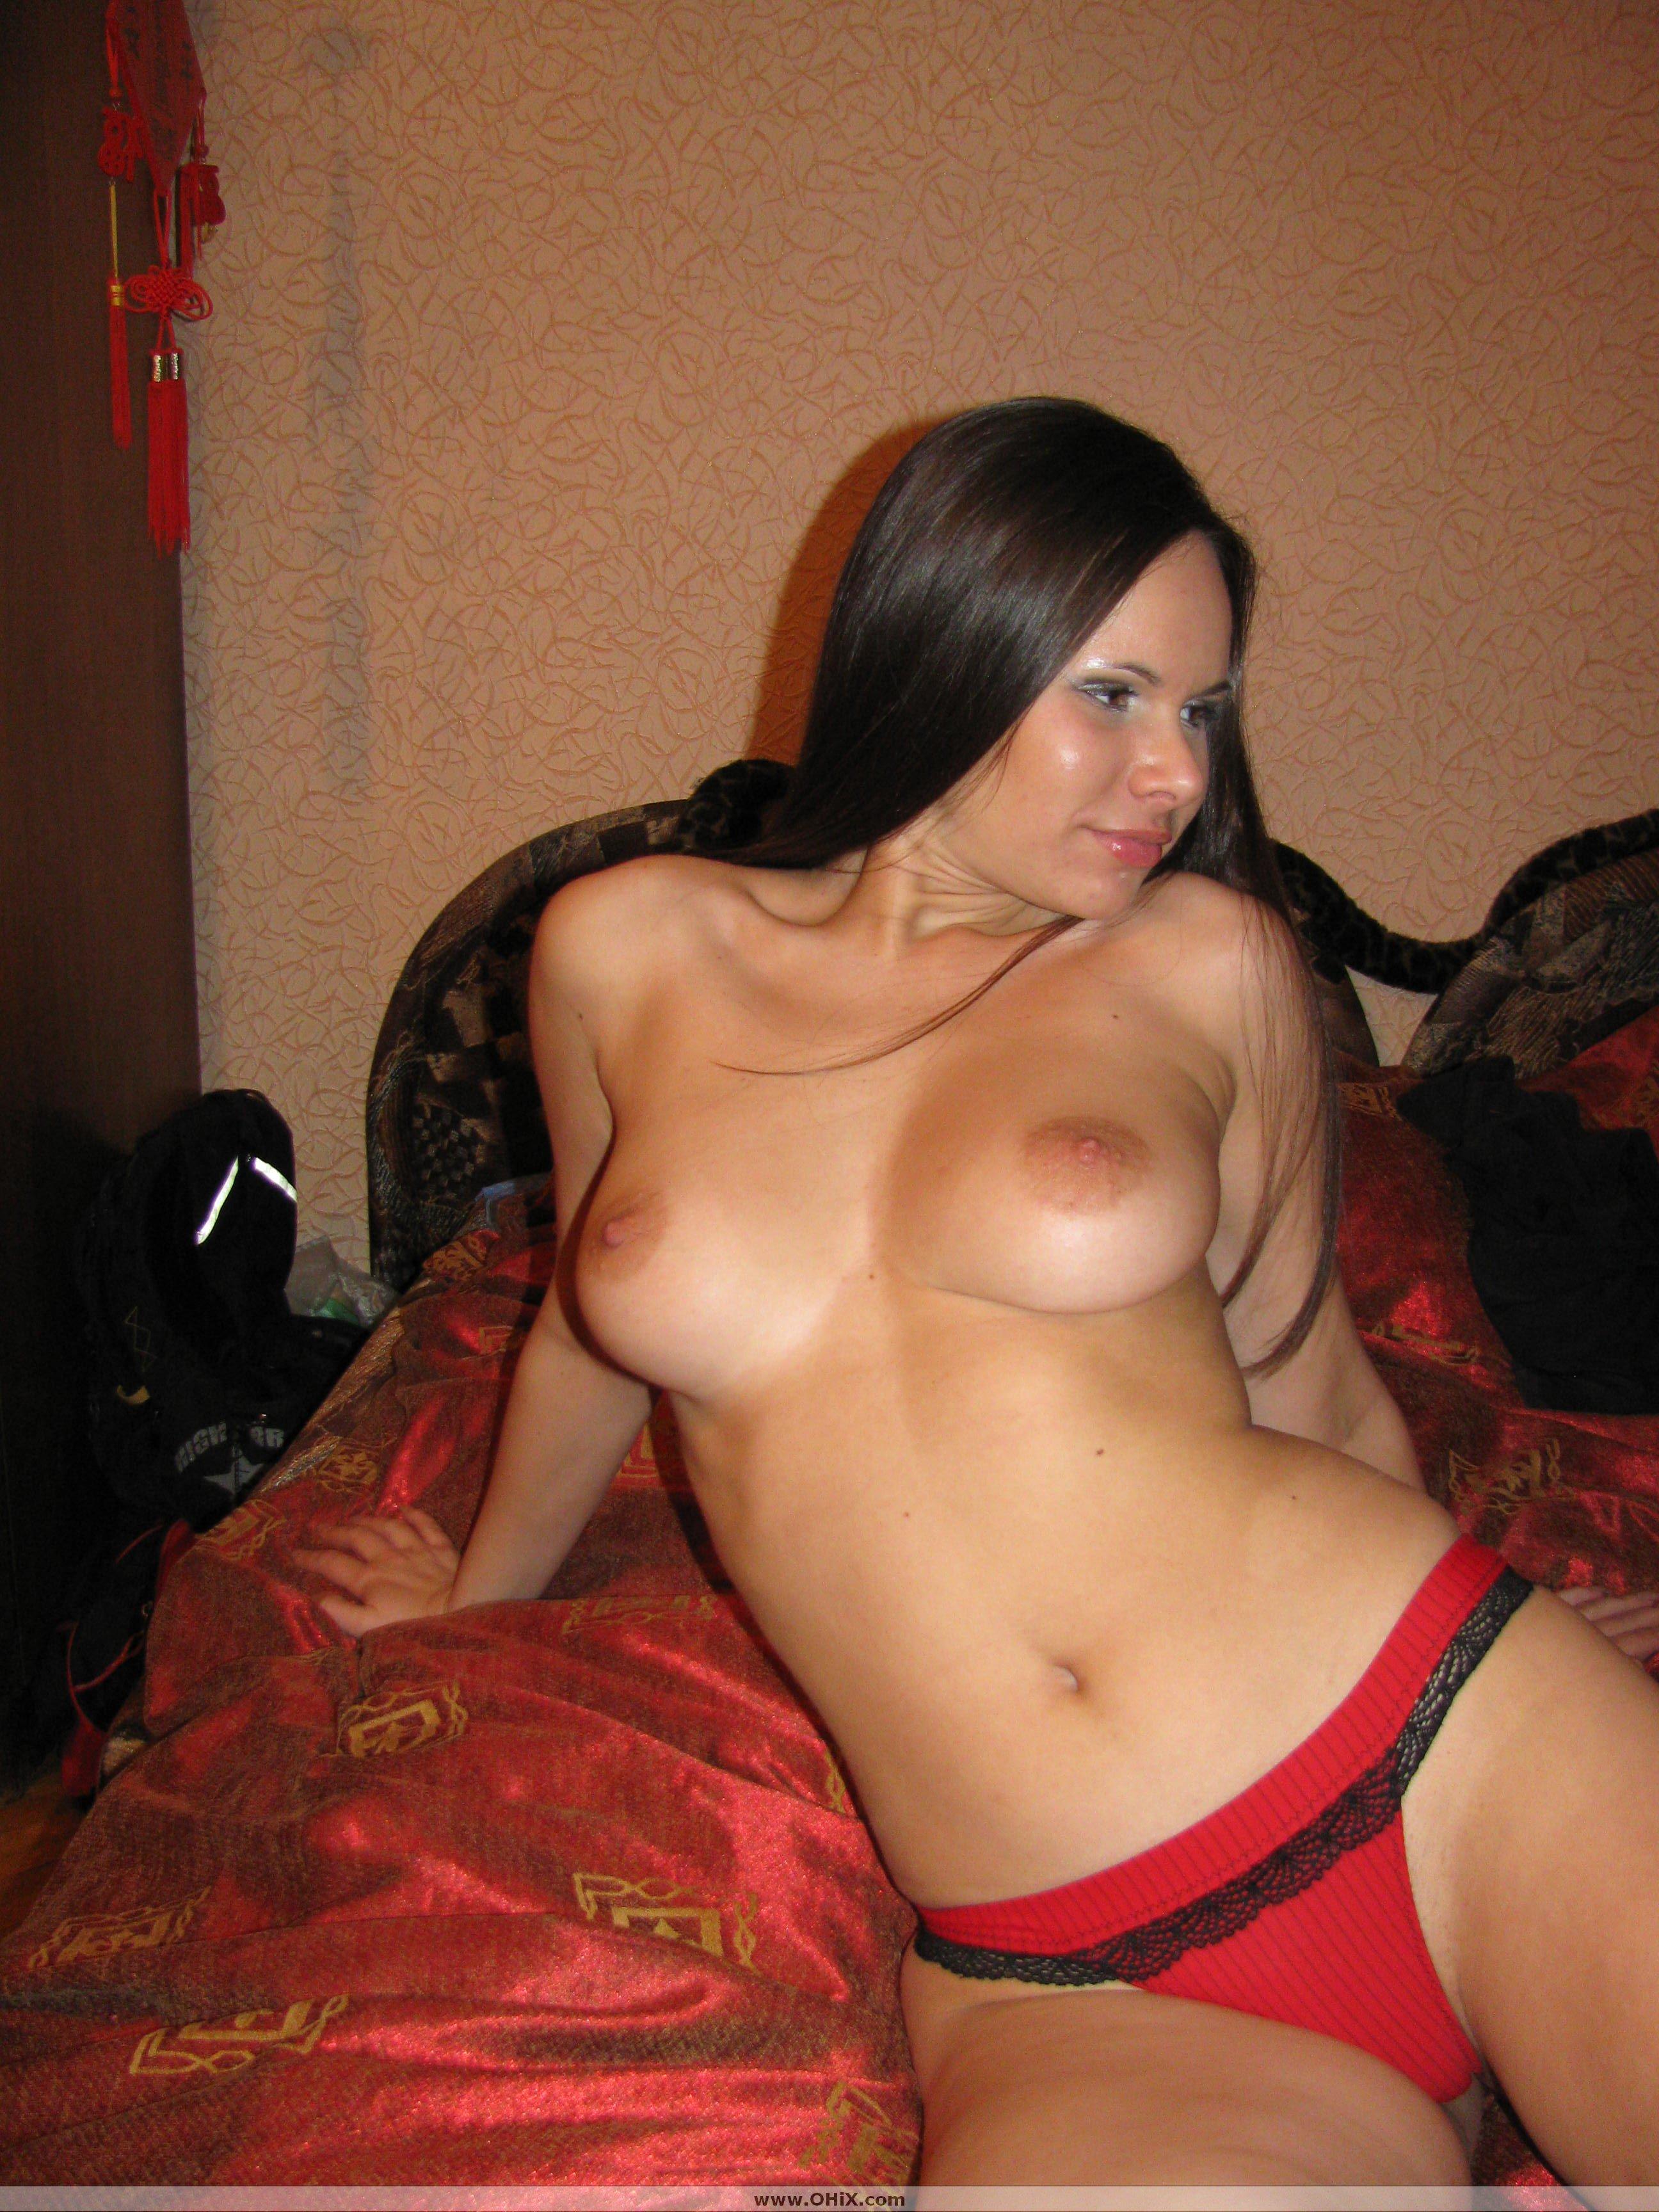 Фото русской женщины интим 15 фотография